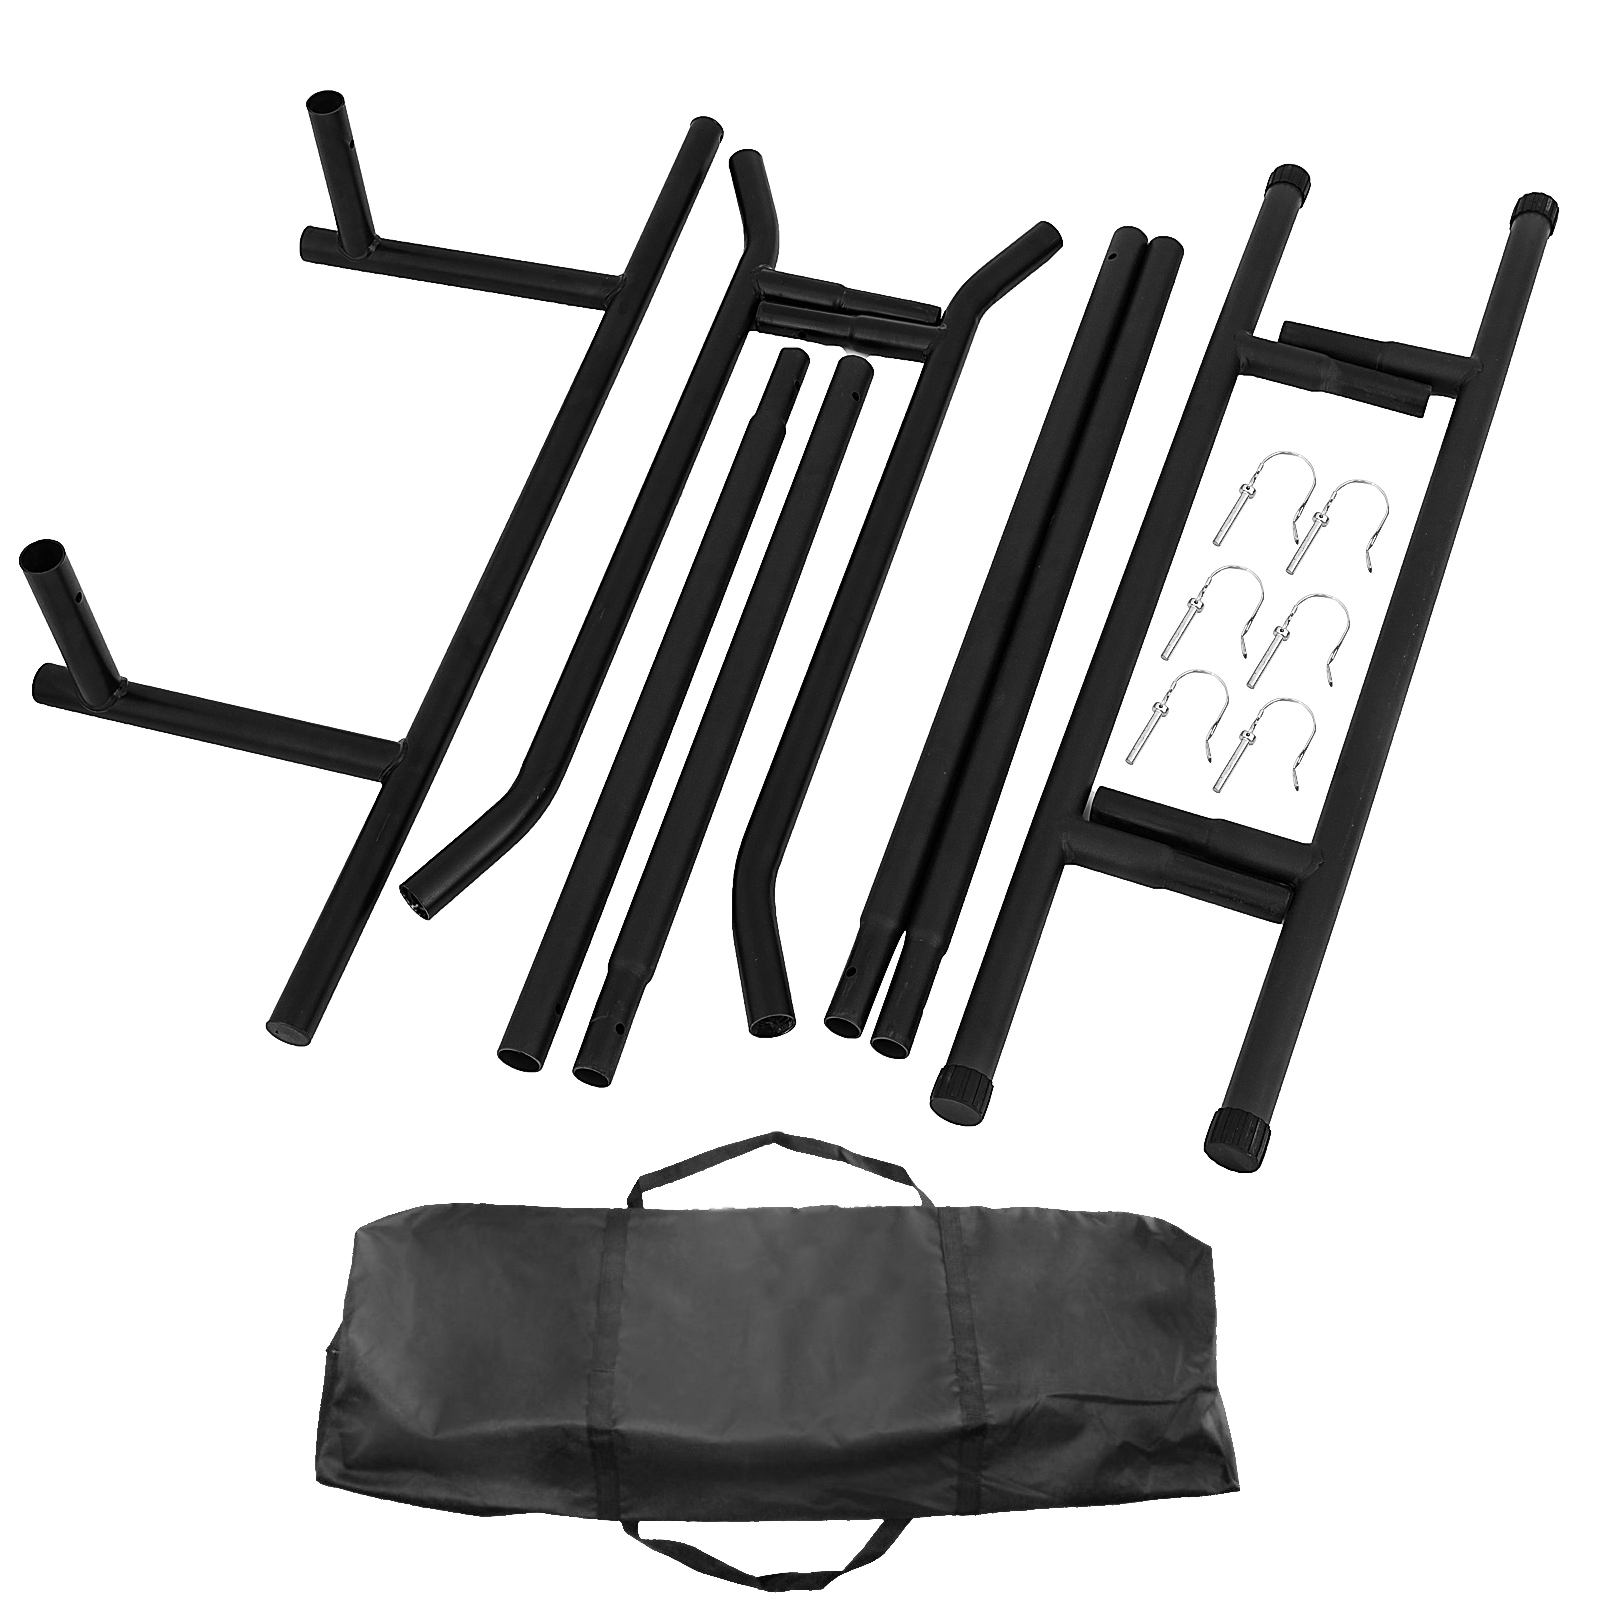 Barra de Dominadas Flexiones Espalda Puerta Gym en Casa Ejercicio Espalda Flexiones Musculacion 143283